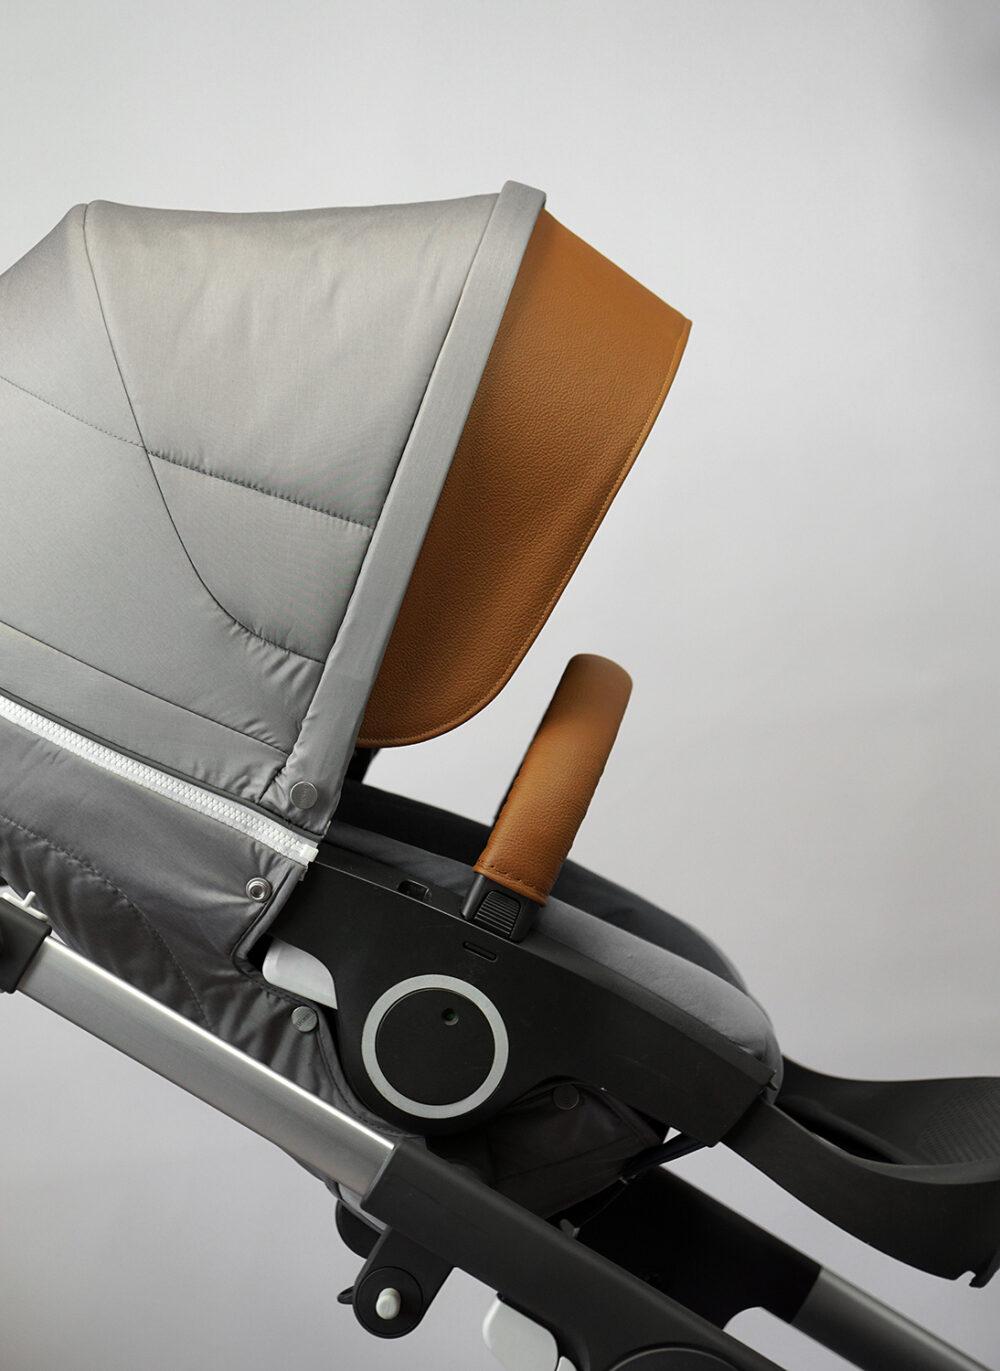 Stokke Bügelschoner zum Schnüren für Xplory, Crusi & Trailz